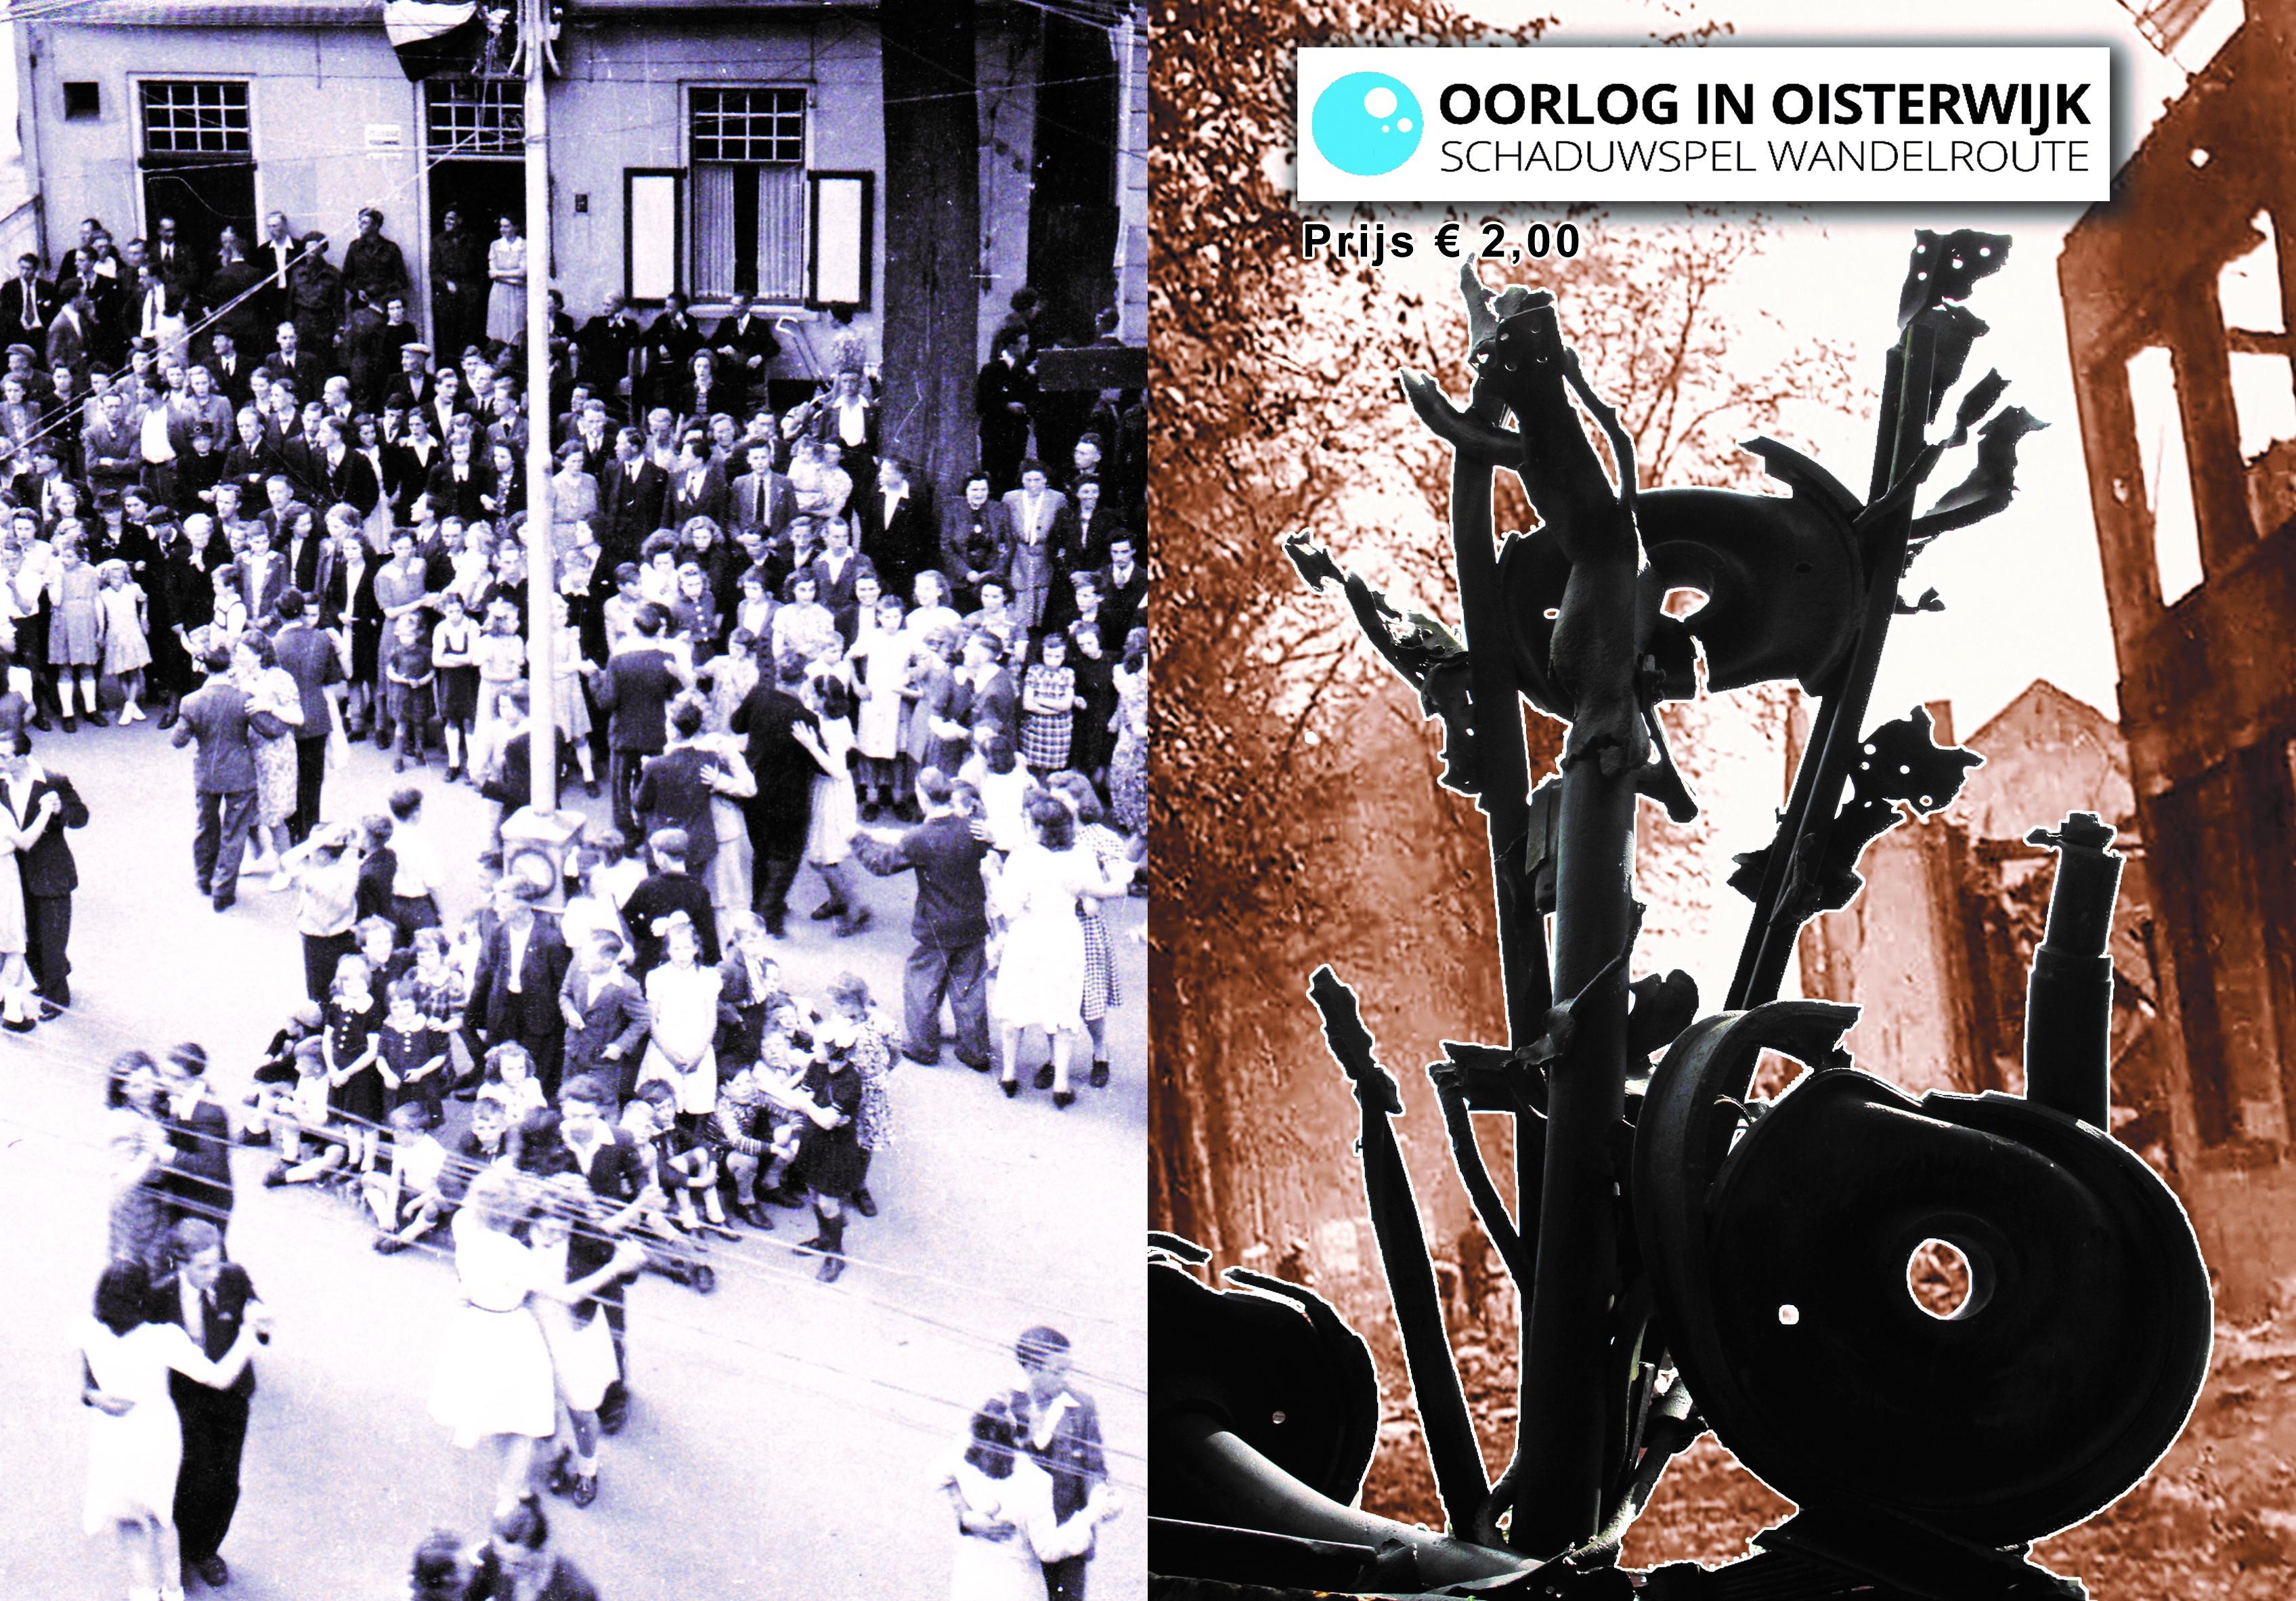 """De app is te downloaden via de appstore (Zoek op """"Oorlog in Oisterwijk""""), de boekjes zijn verkrijgbaar bij Tiliander én bij Hotel Bos en Ven."""